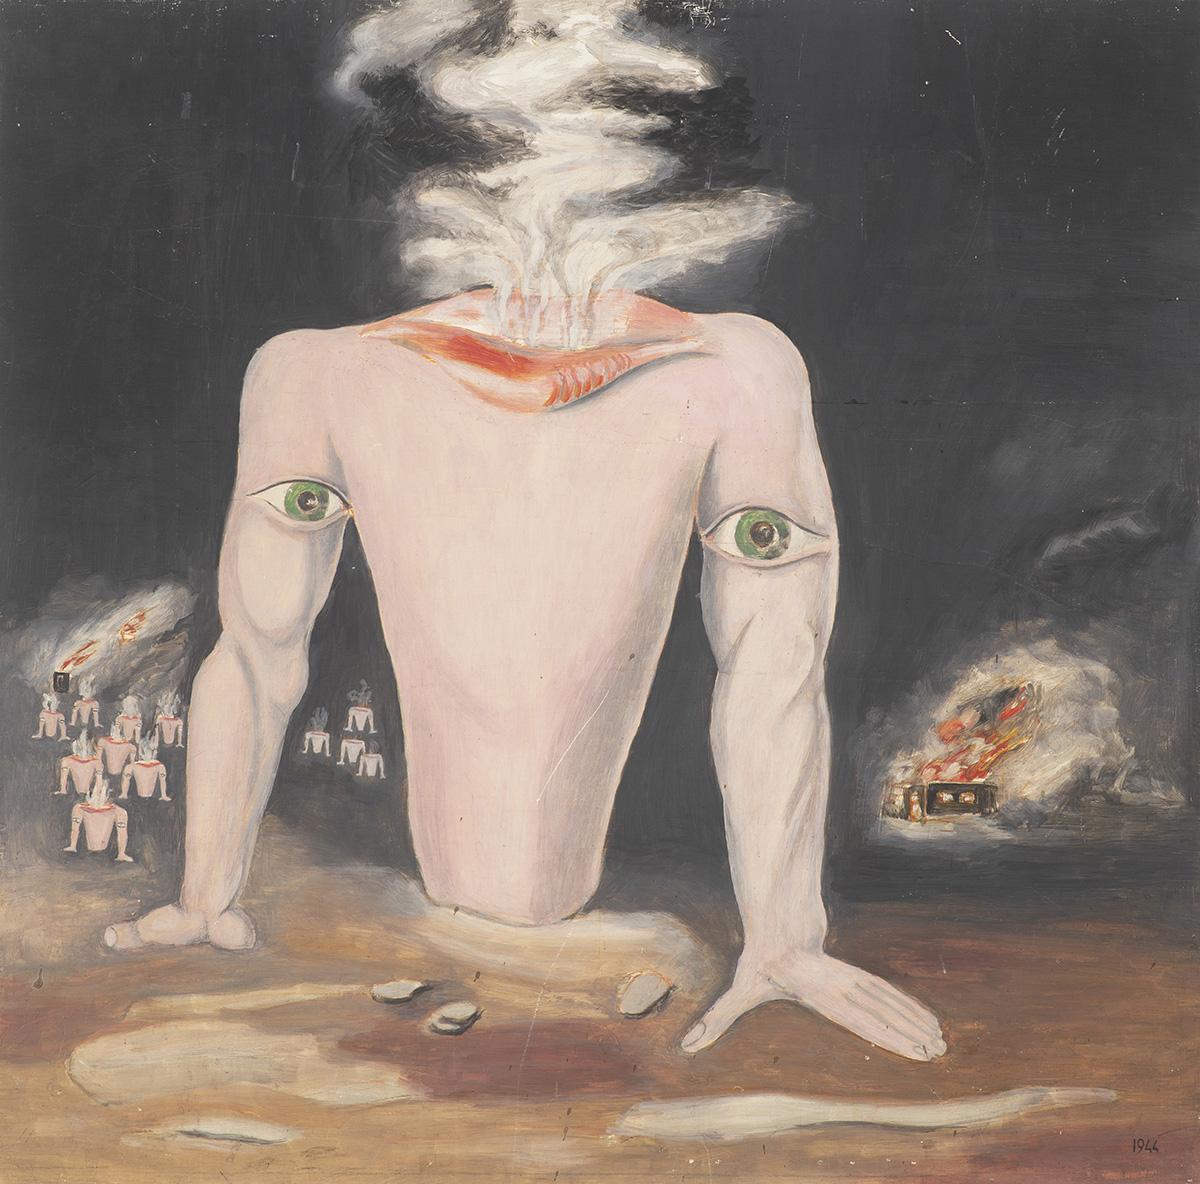 frantisek-maria-cerny-1944-arthouse-hejtmanek